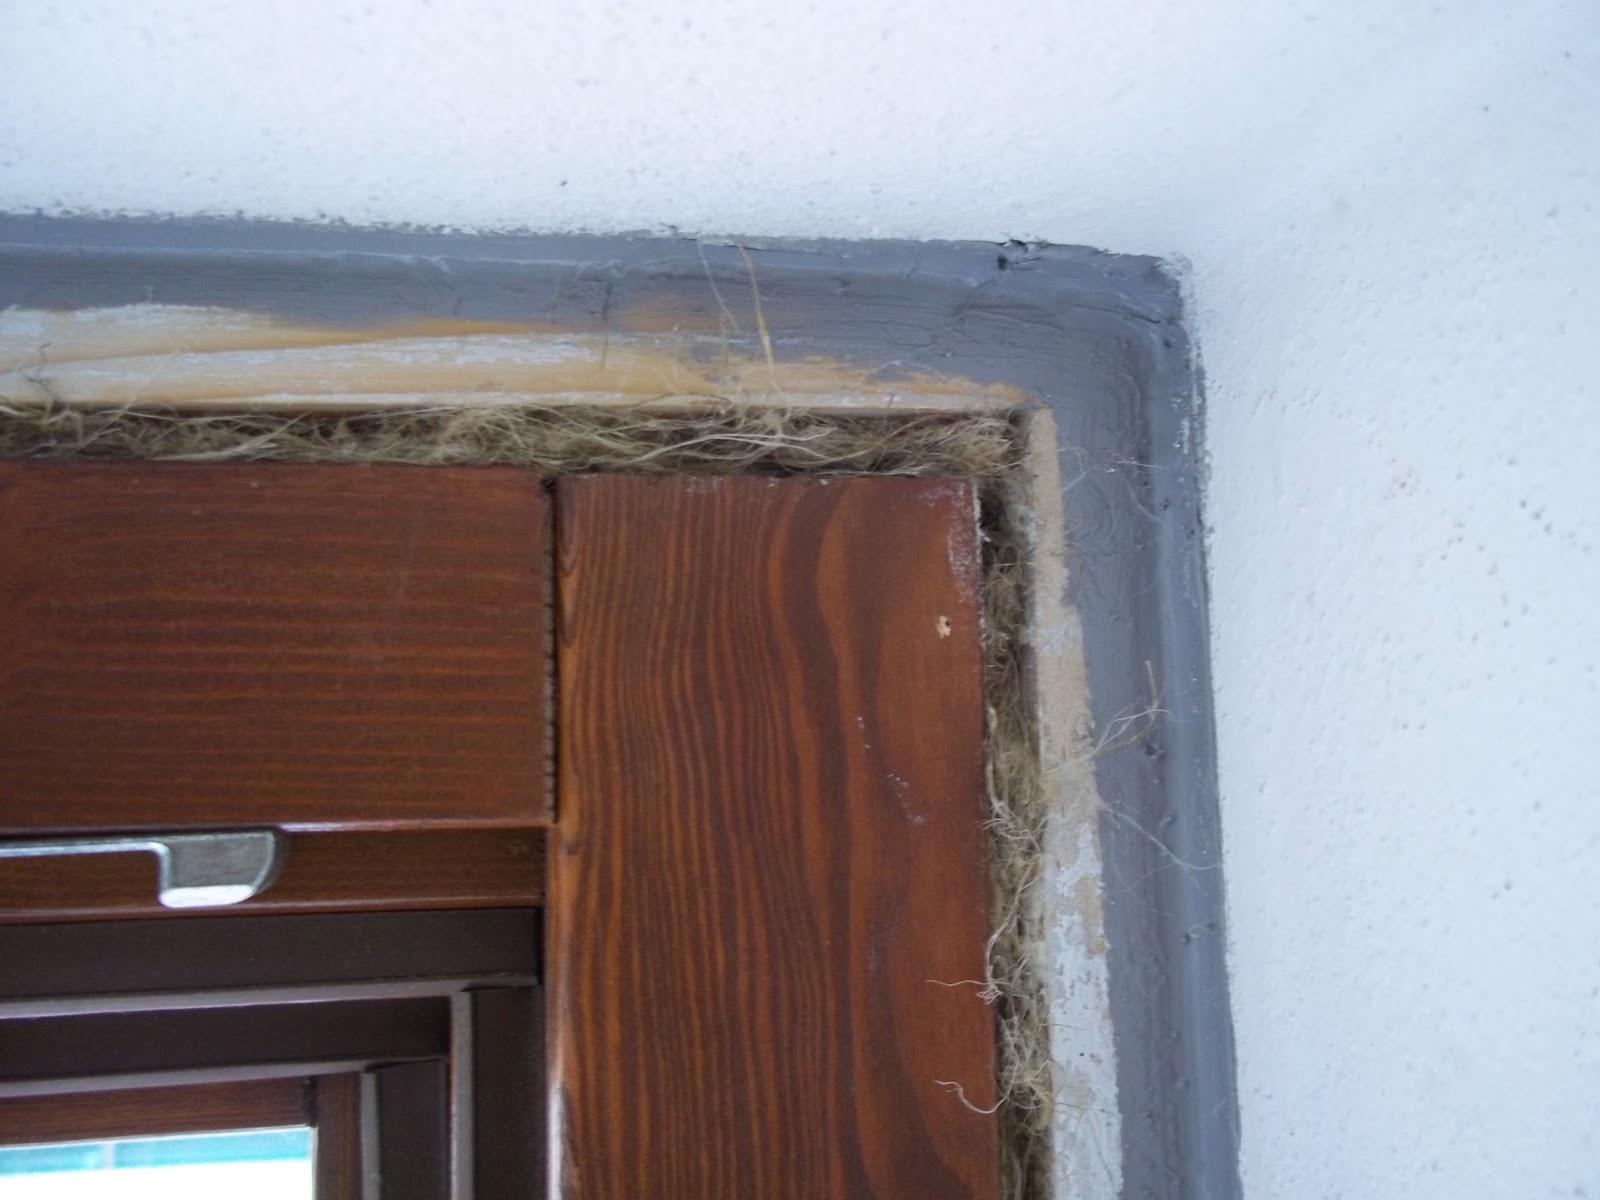 Blog steacom s r l serramenti non isolati correttamente - Togliere silicone dalle piastrelle ...